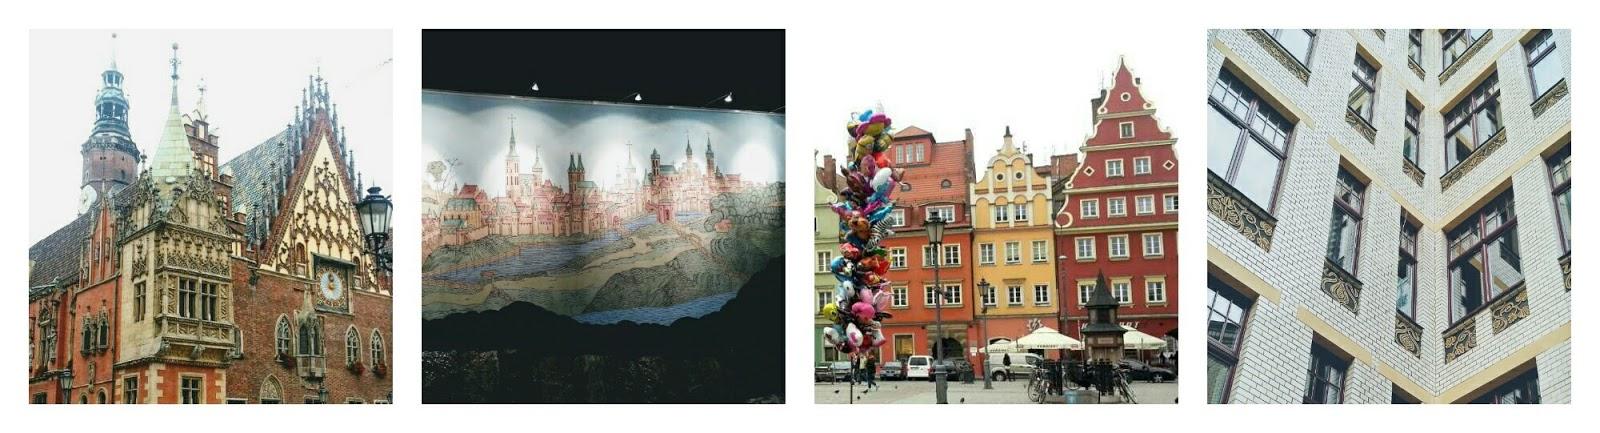 co zobaczyć we Wrocławiu